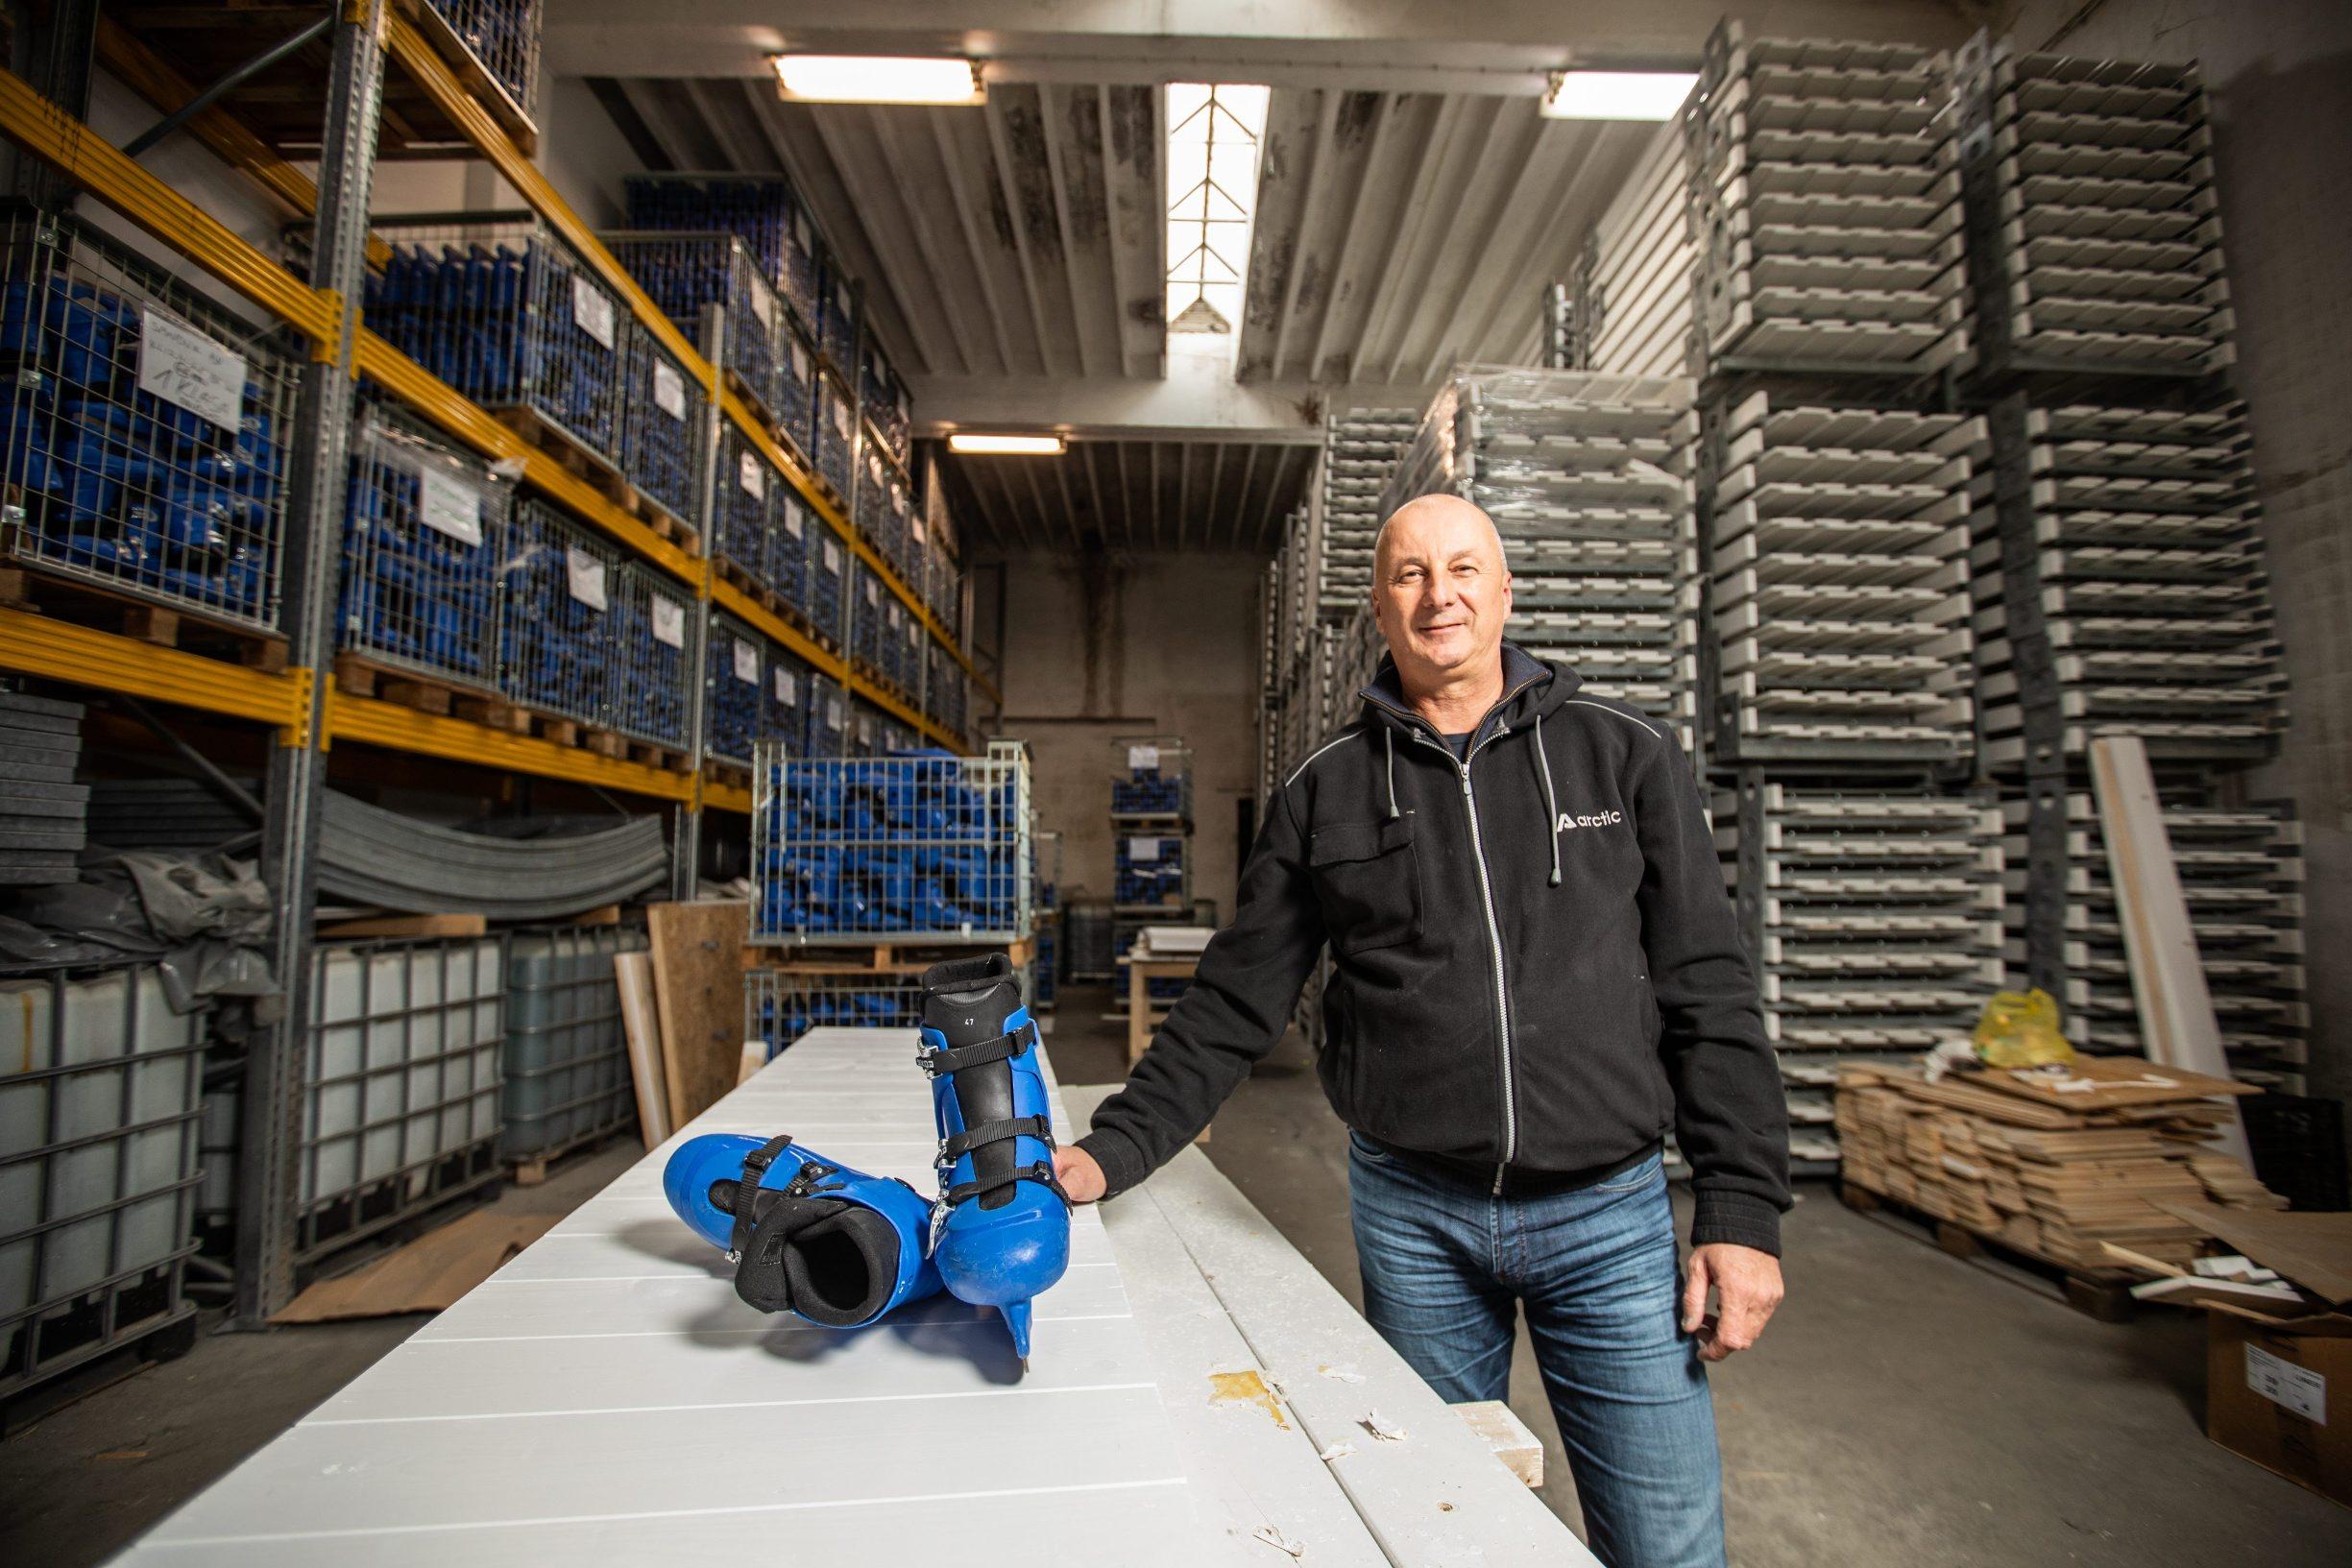 Rijeka, 131119. Tvrtka Arctic proizvodi led za klizalista. Ove godine opskrbljuje cak 70-ak klizalista. Na fotografiji: Vlasnik tvrtke, Denis Ventin. Foto: Matija Djanjesic / CROPIX